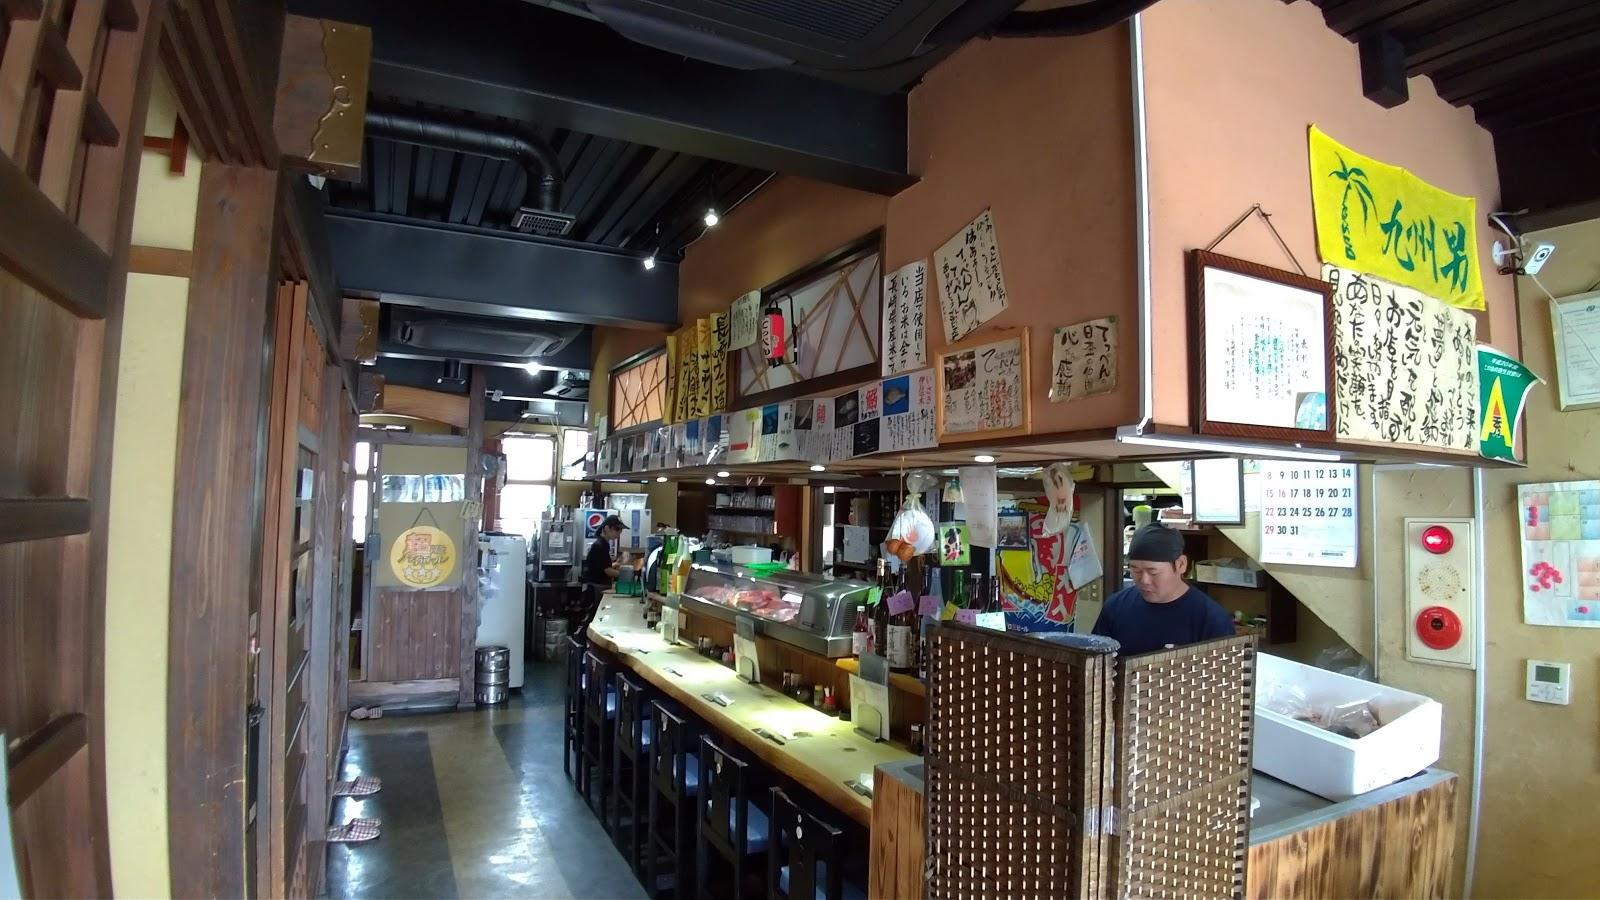 【時津グルメ】豪華海鮮丼の 「てっぺん」へ!大漁刺身定食も絶品!! 店内